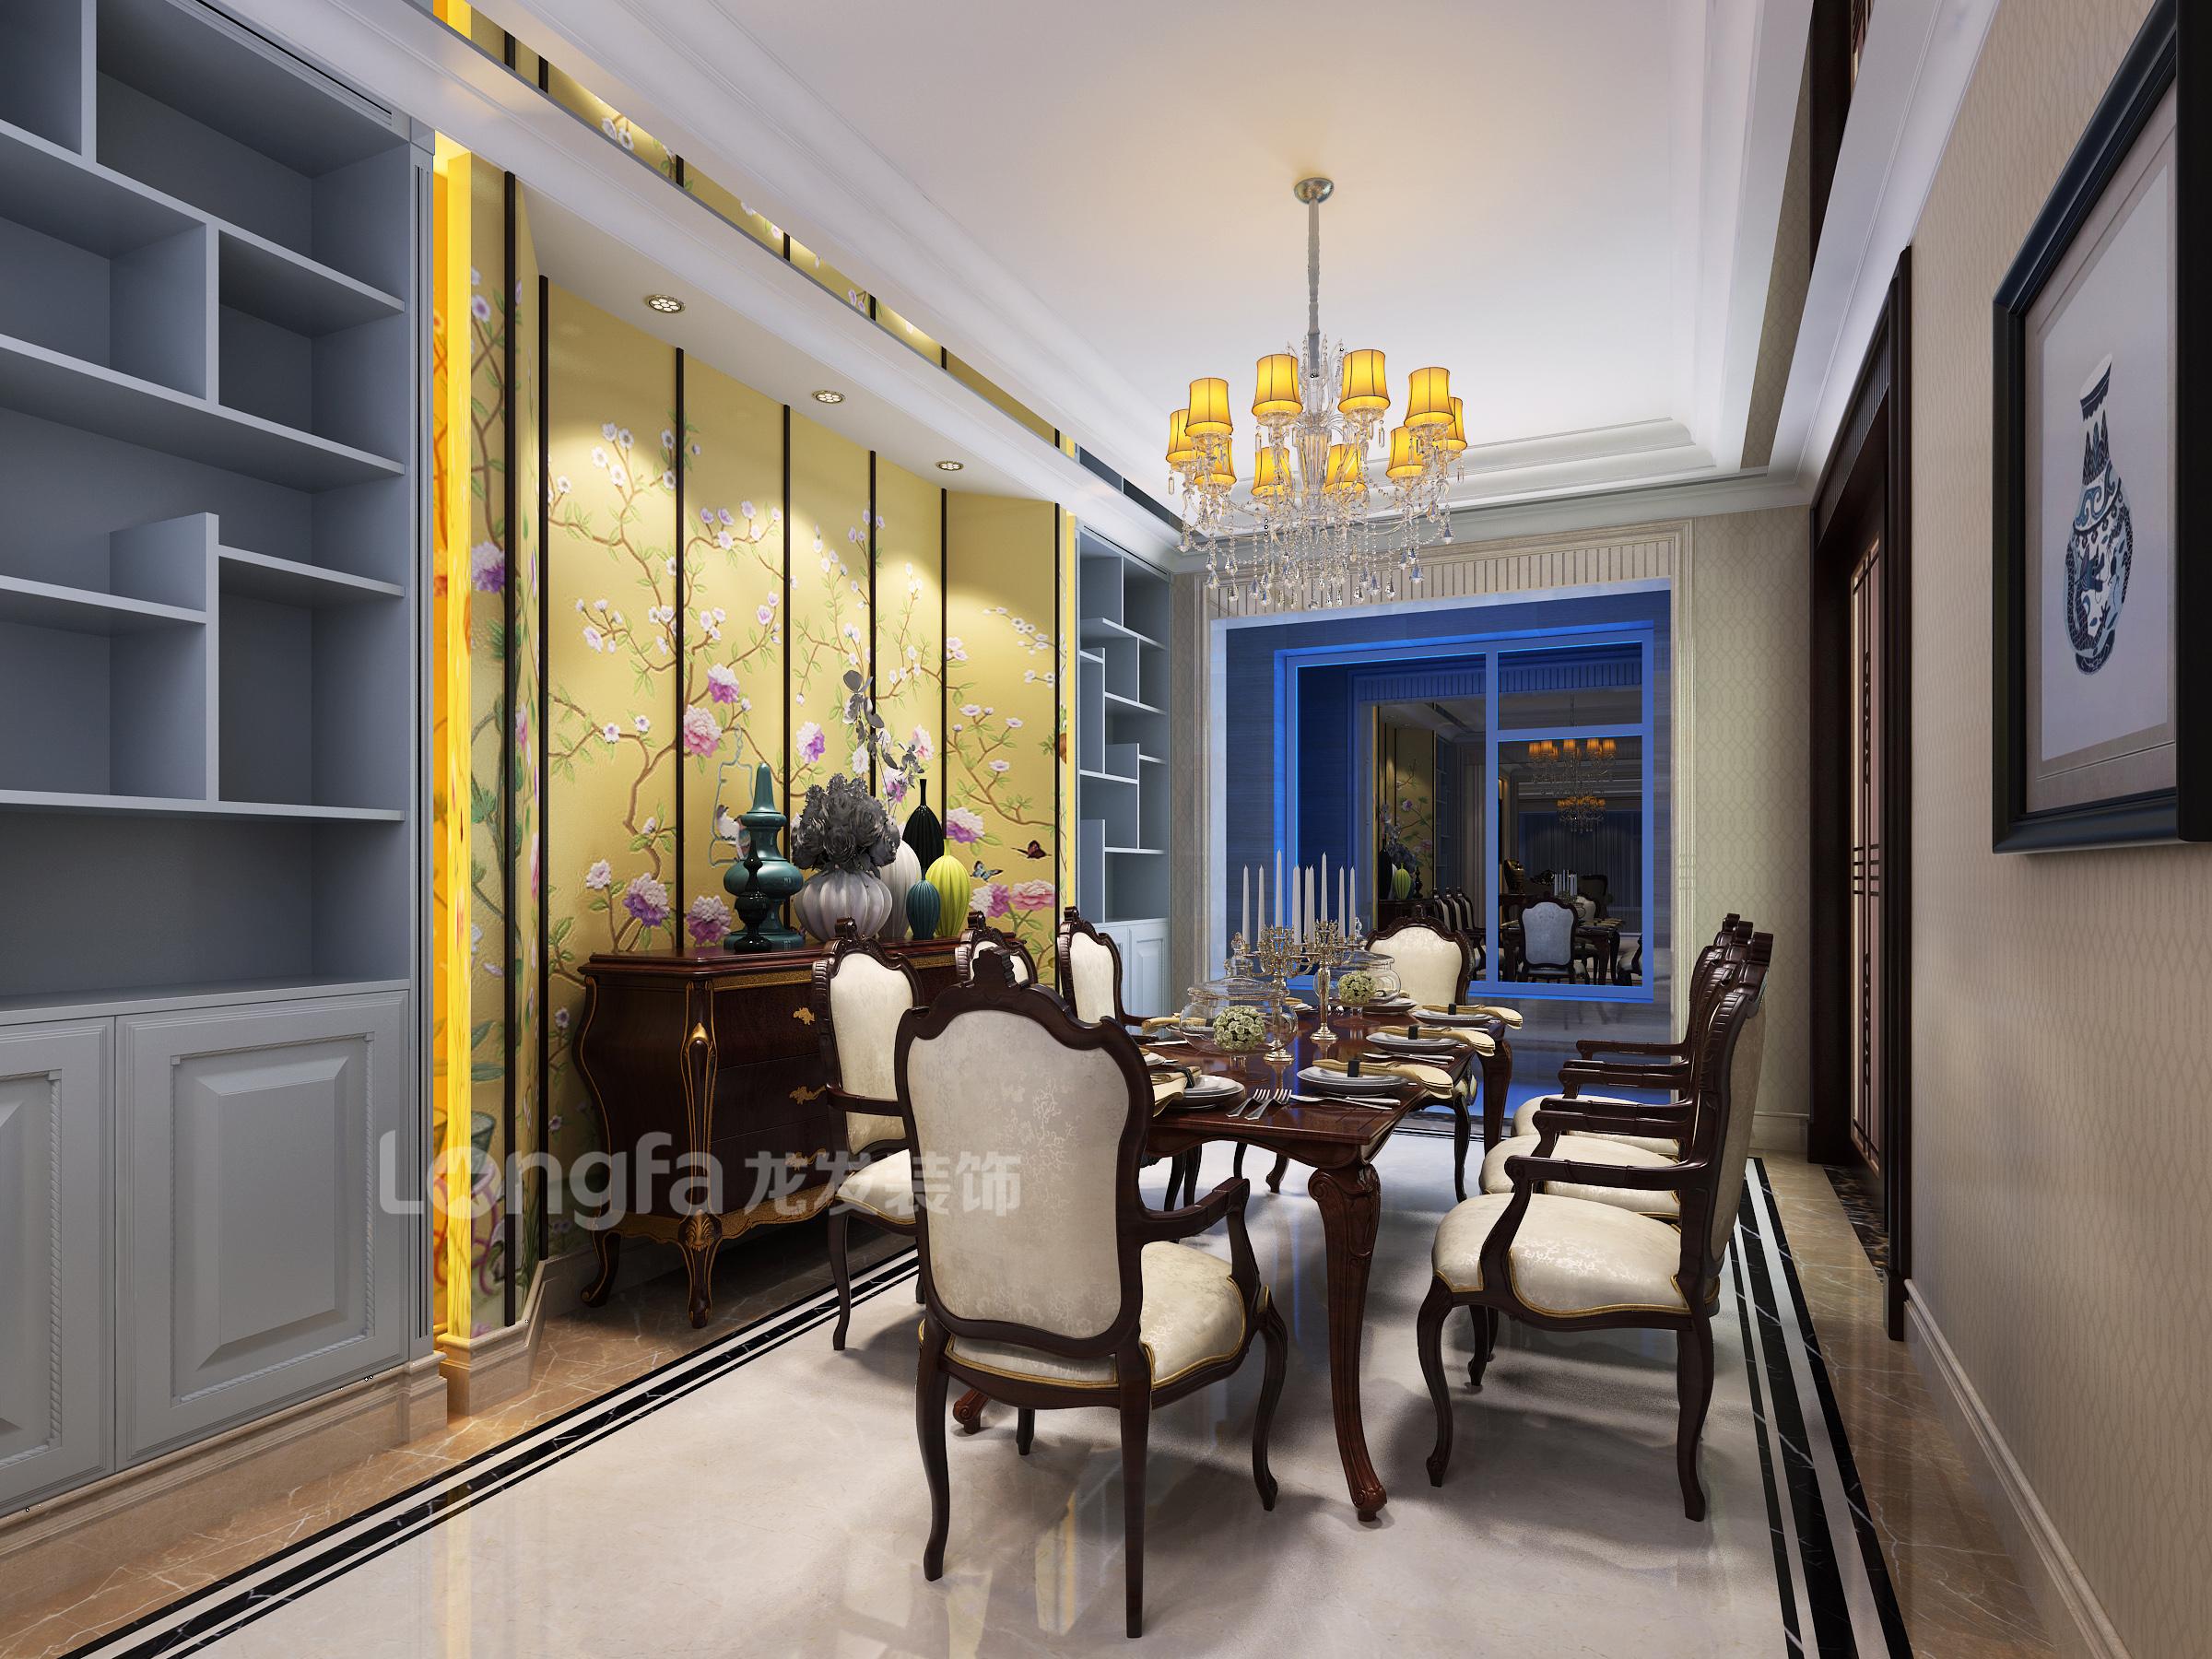 中正锦城188平米古典欧式风格设计案例店面铺装 看了我家的装修大家